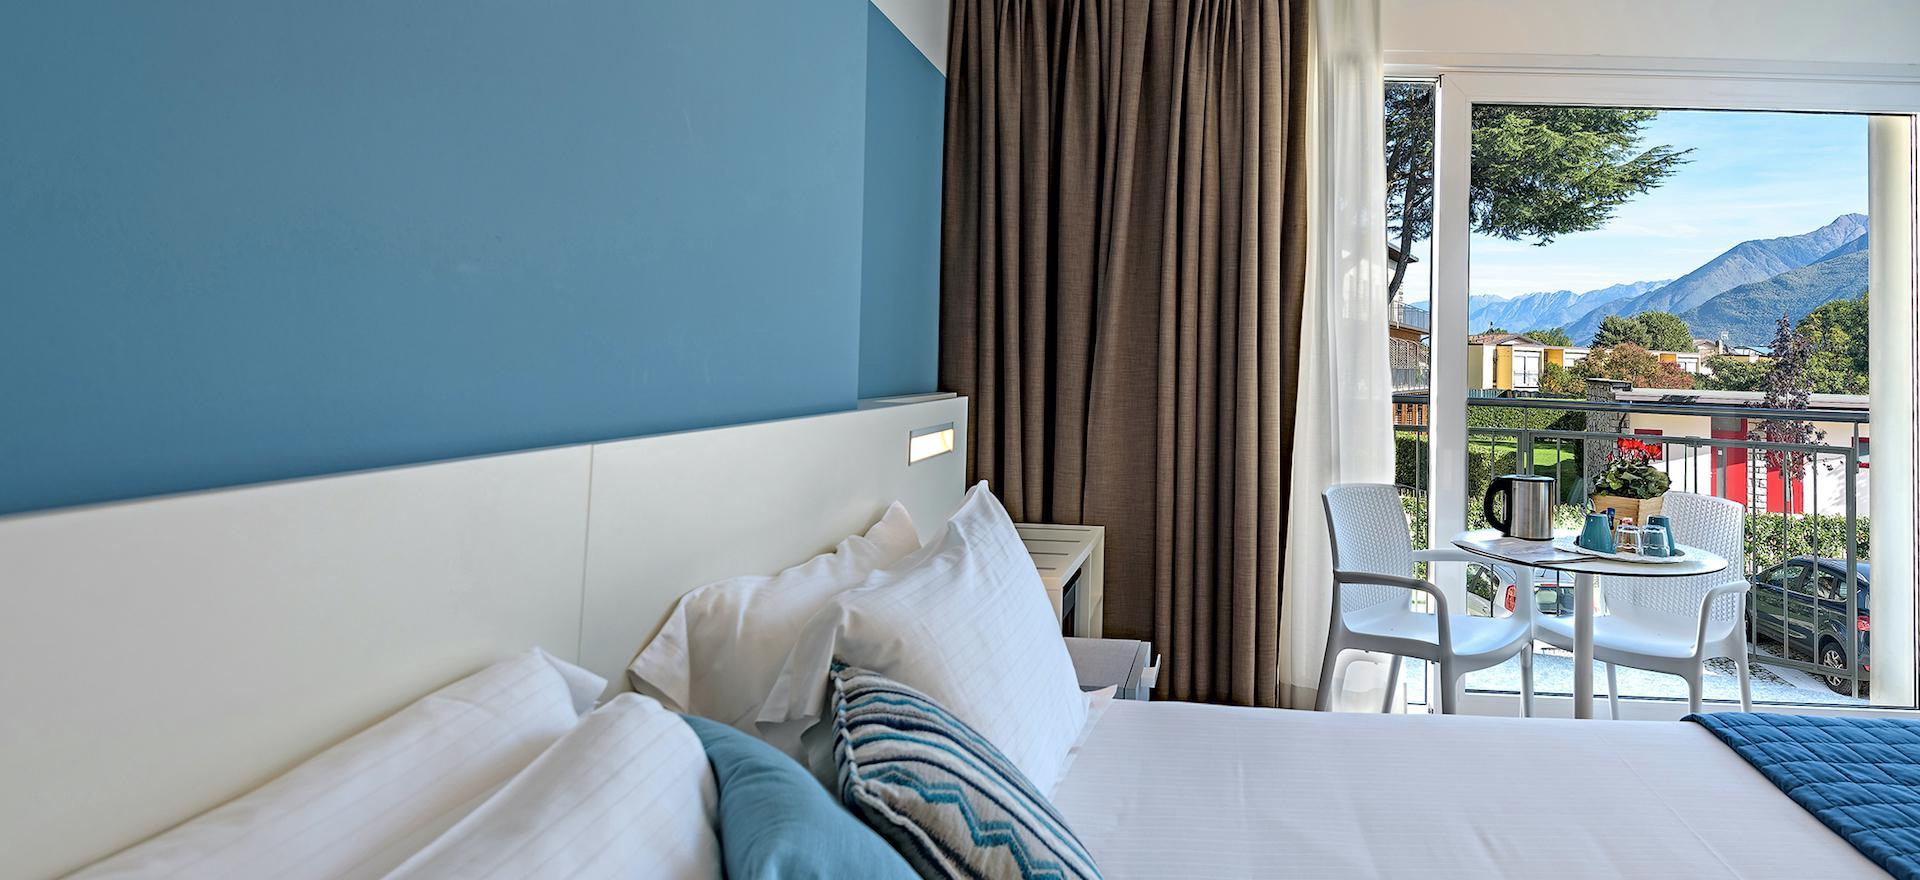 Agriturismo Comer See und Gardasee Hotel in der Nähe der Kiesstrände des Comer Sees